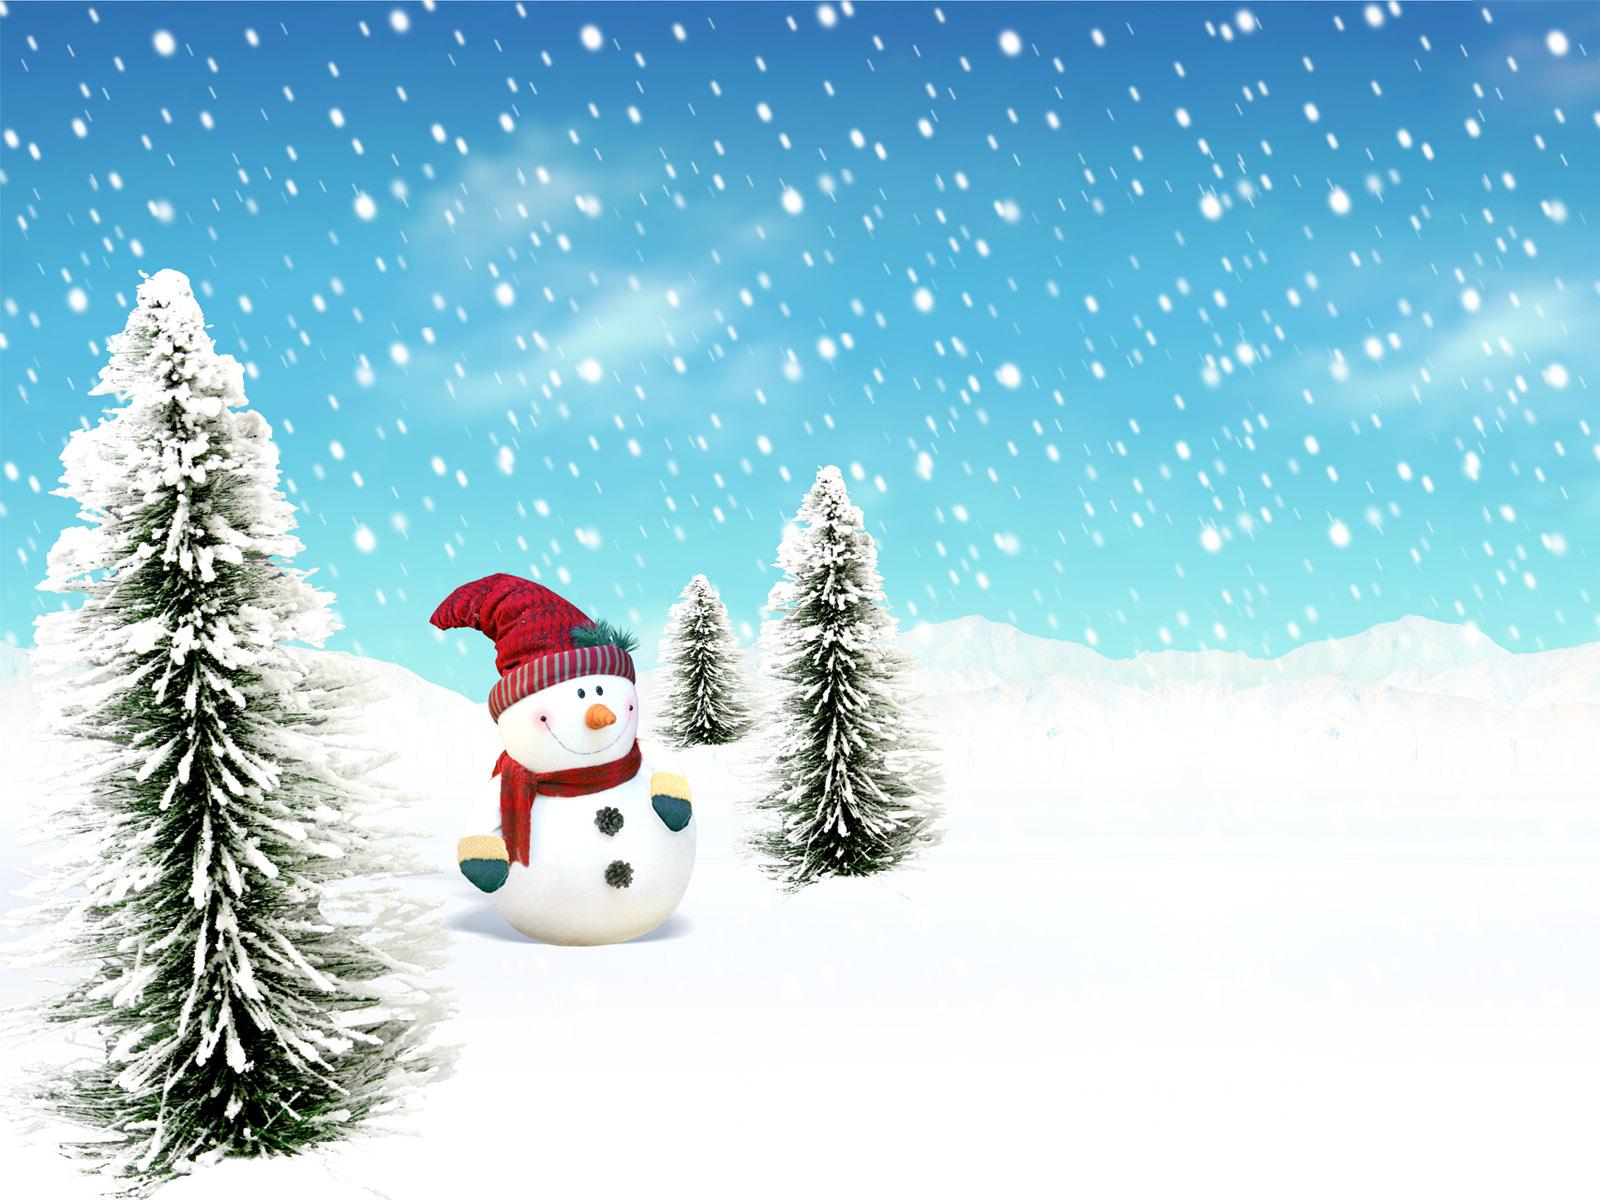 Снеговик - C Новым годом  2018 поздравительные картинки